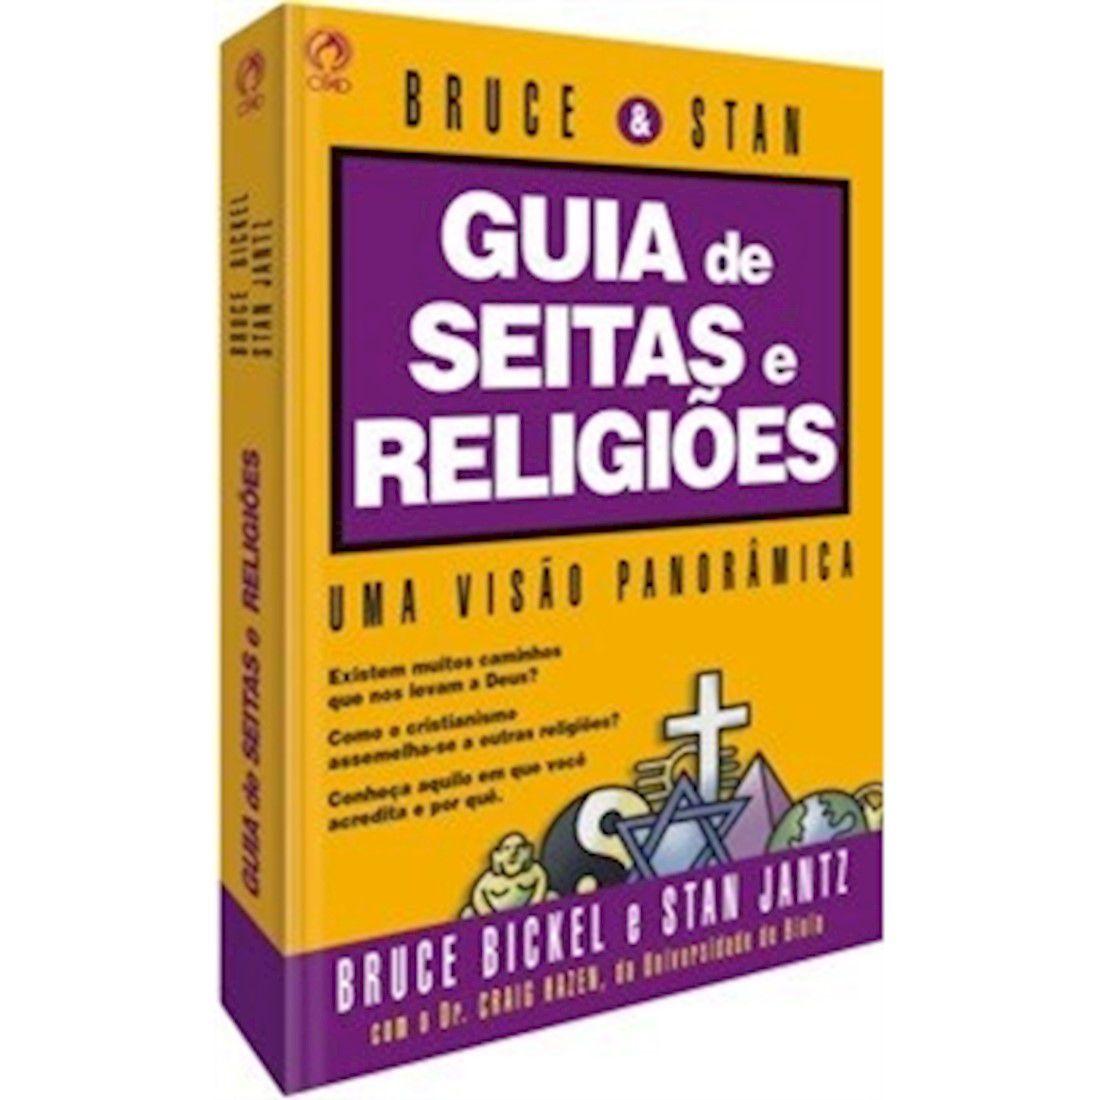 Livro Guia de Seitas e Religiões